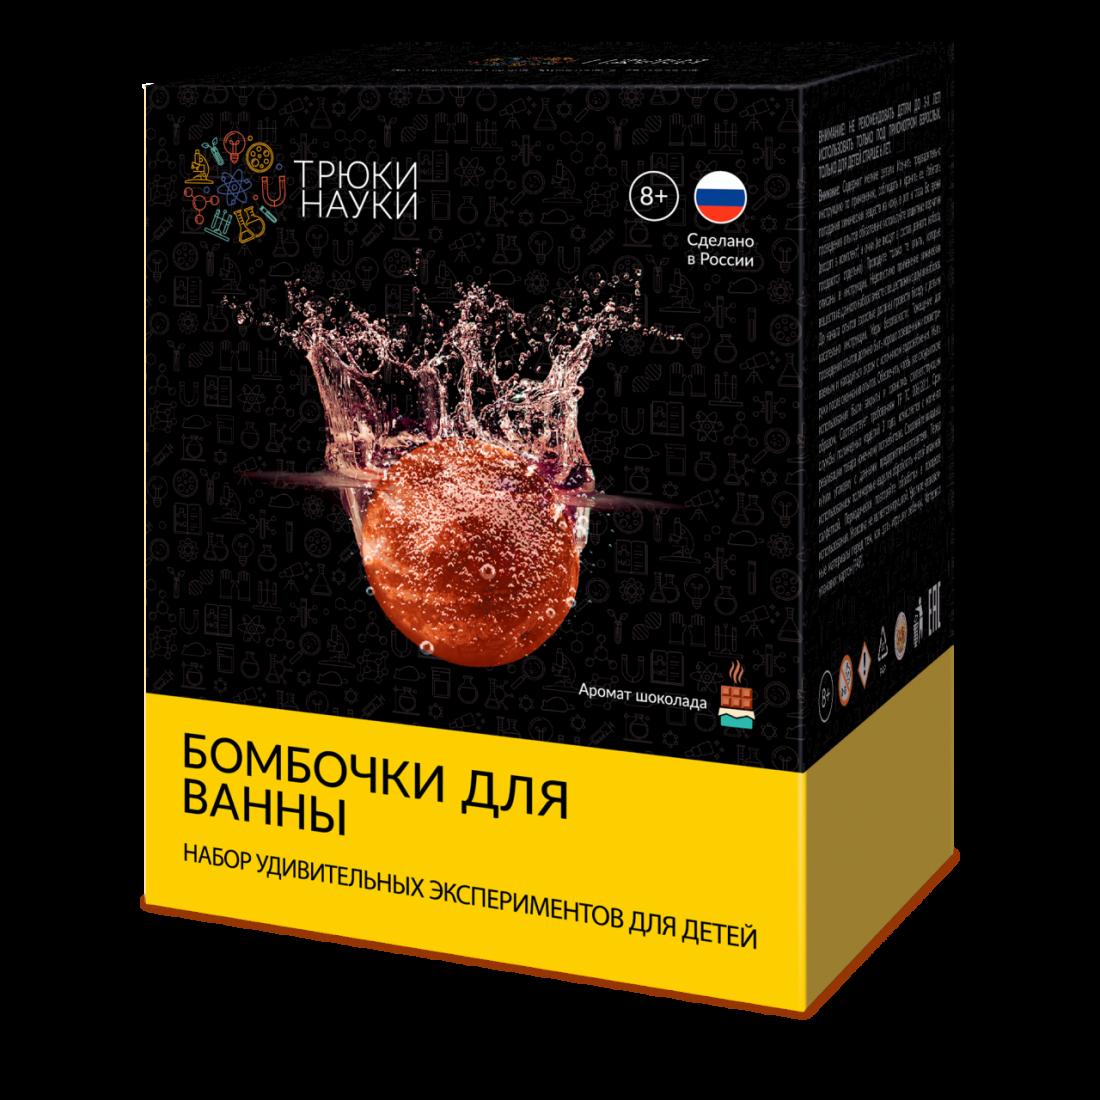 Набор ТРЮКИ НАУКИ Z112 Бомбочки для ванны (шоколад)